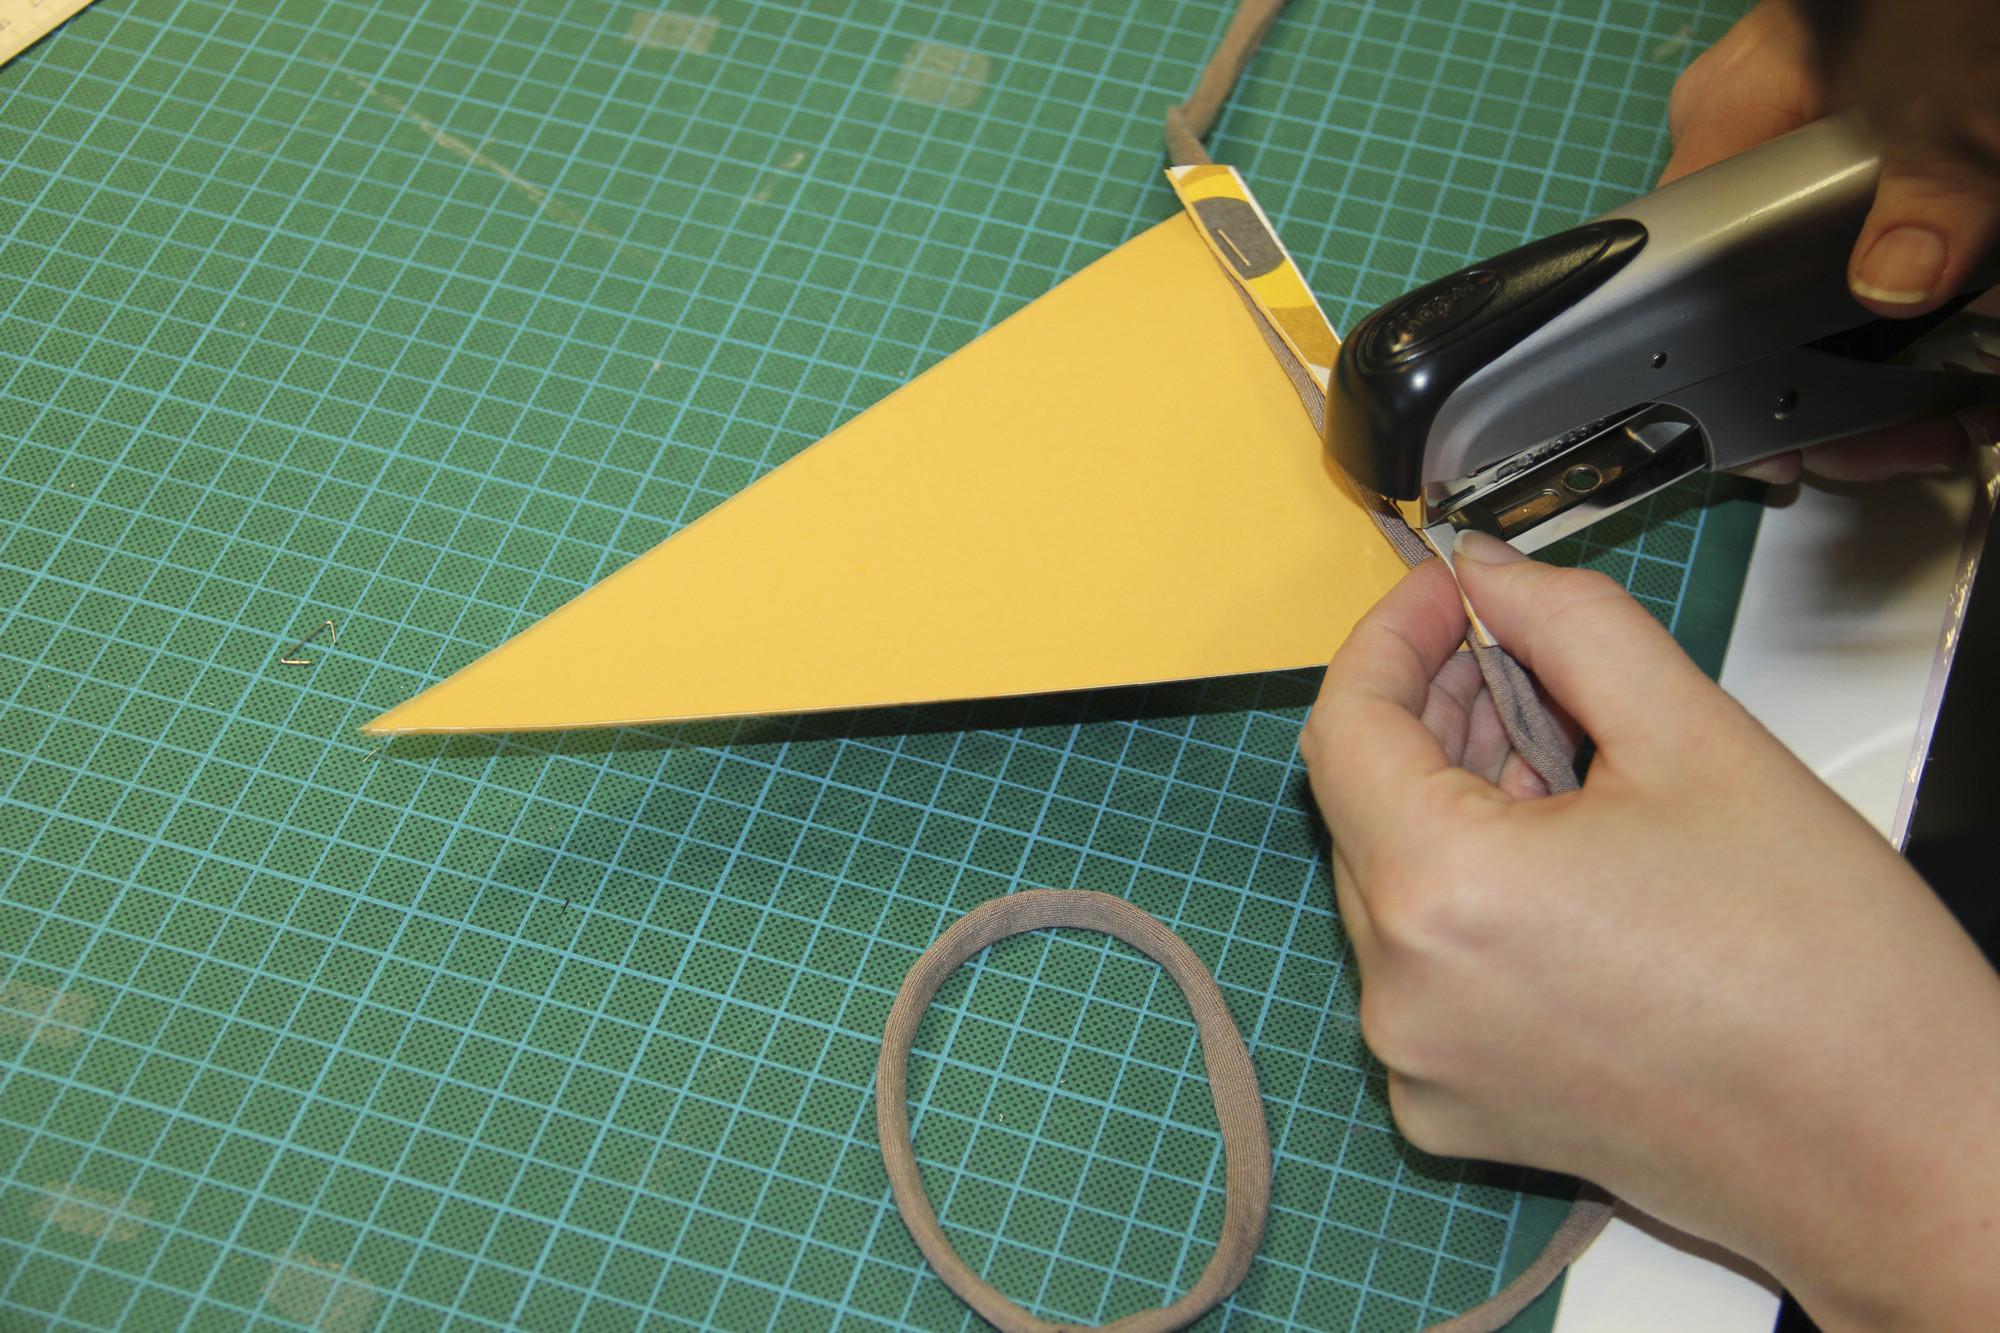 Attacher les triangles au ruban pour des guirlandes personnelles